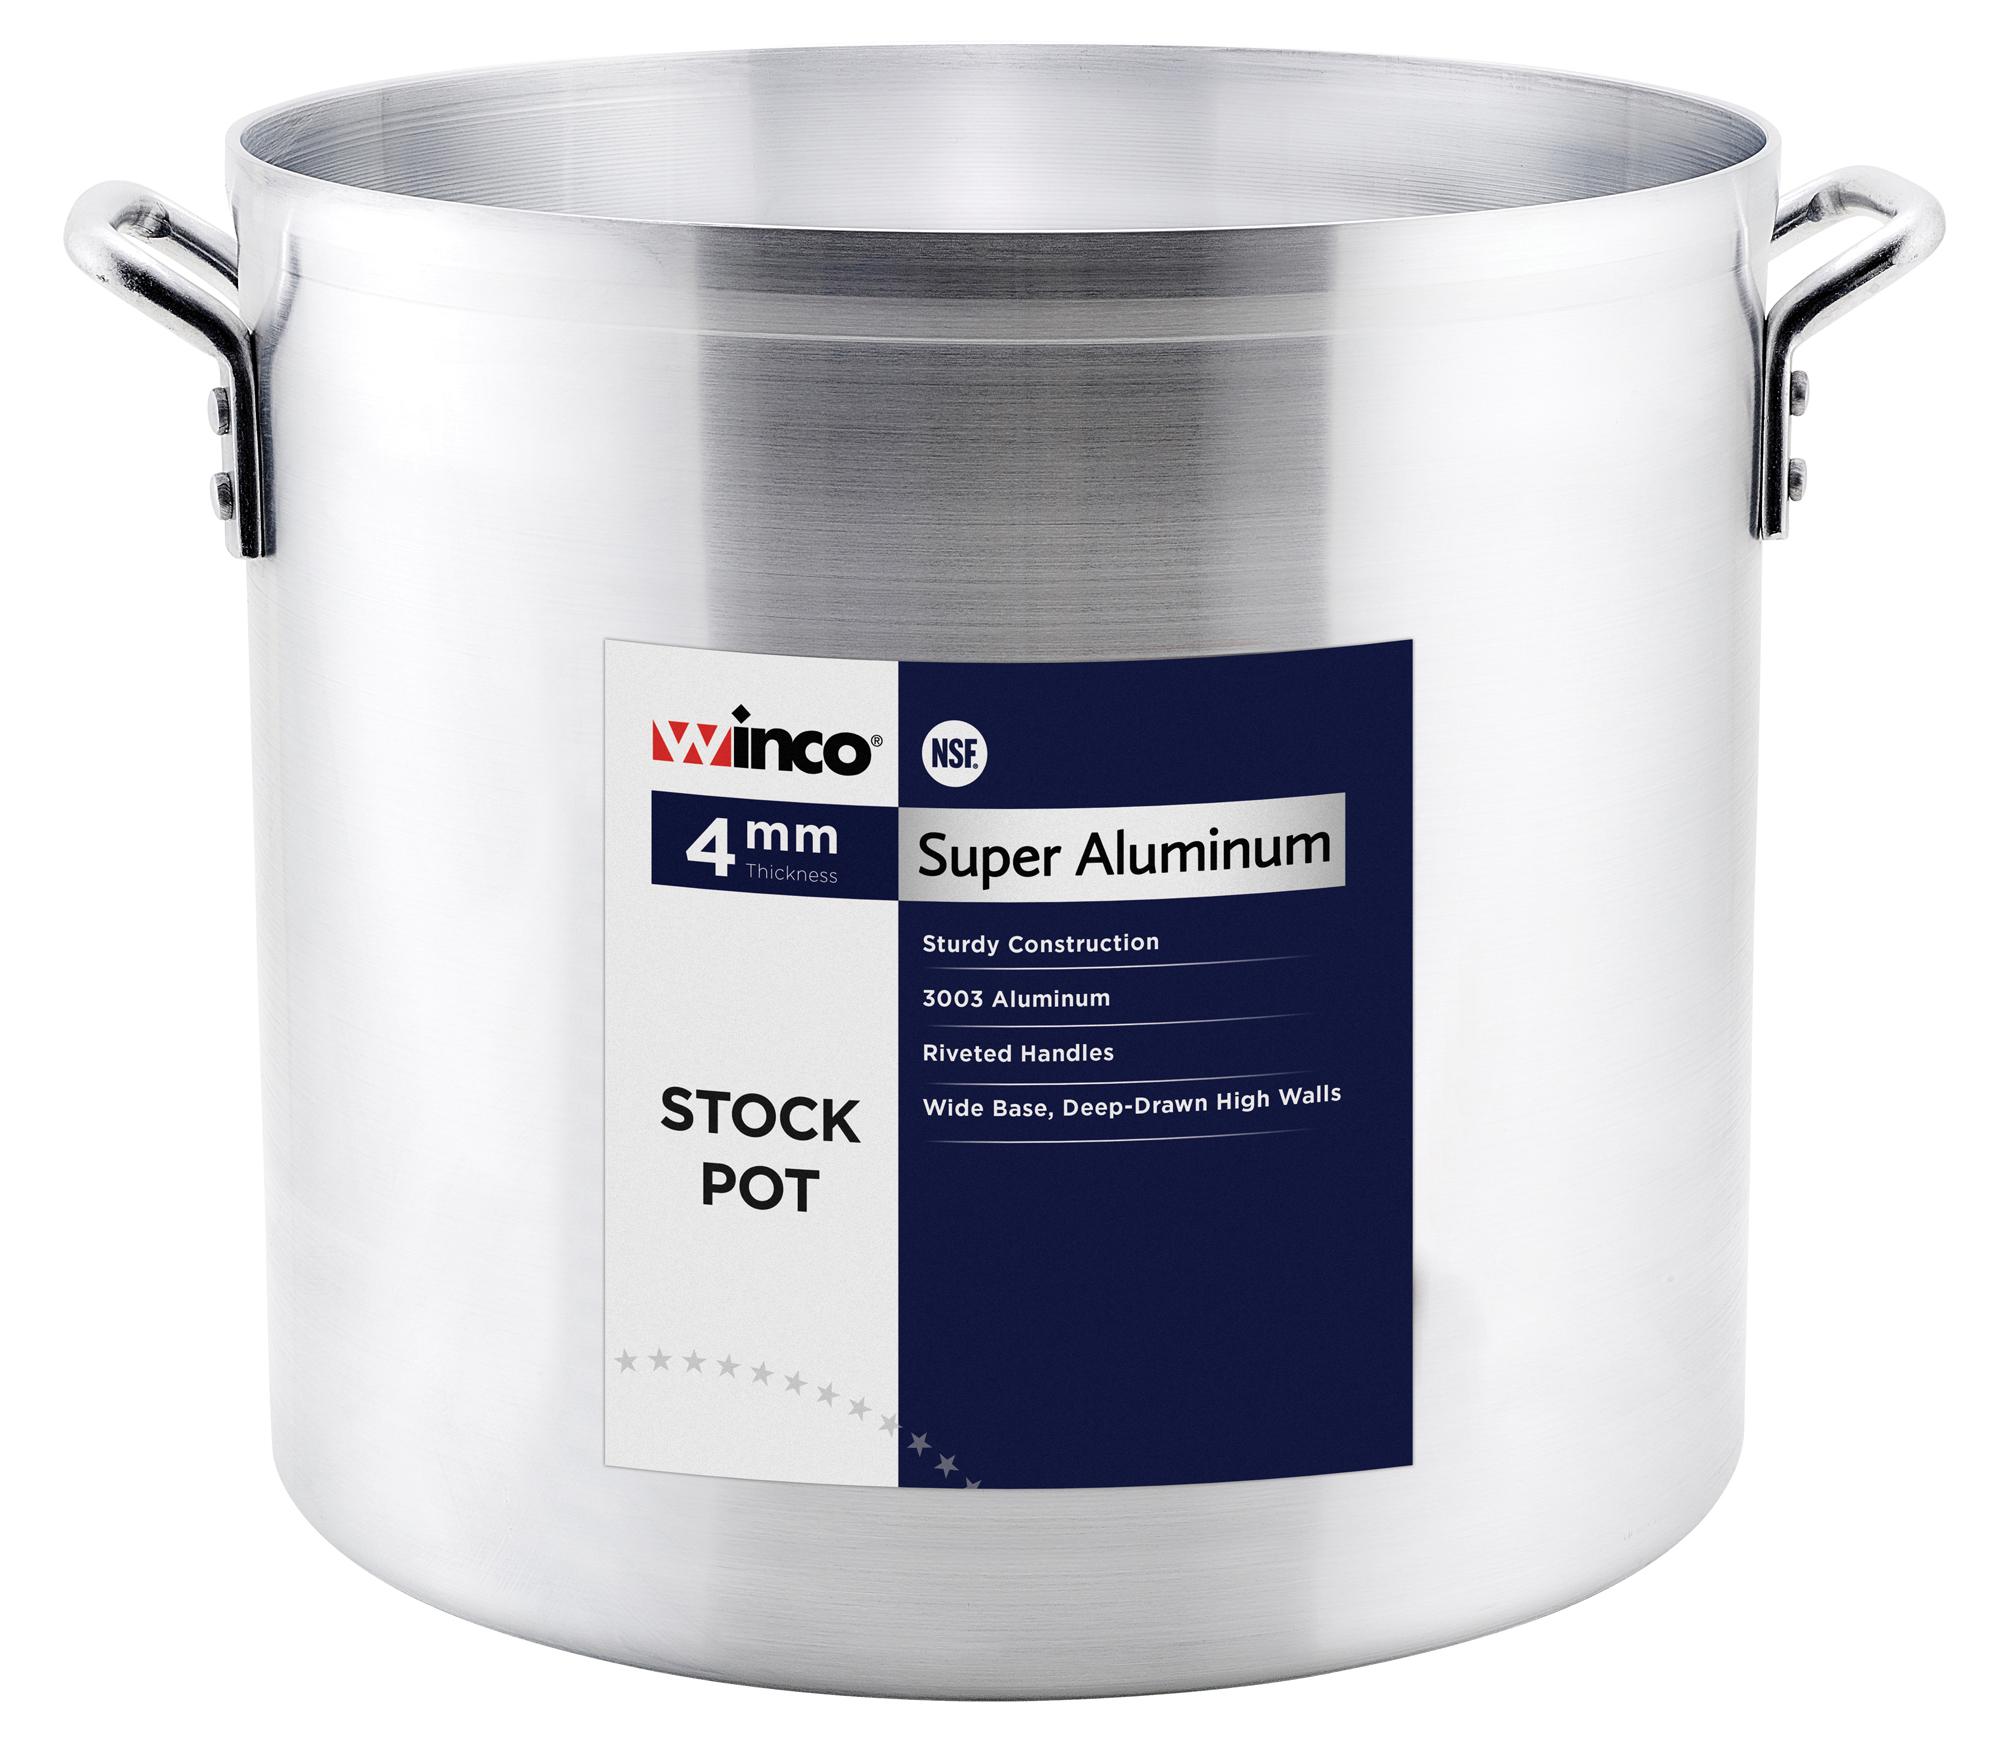 Winco AXS-100 stock pot